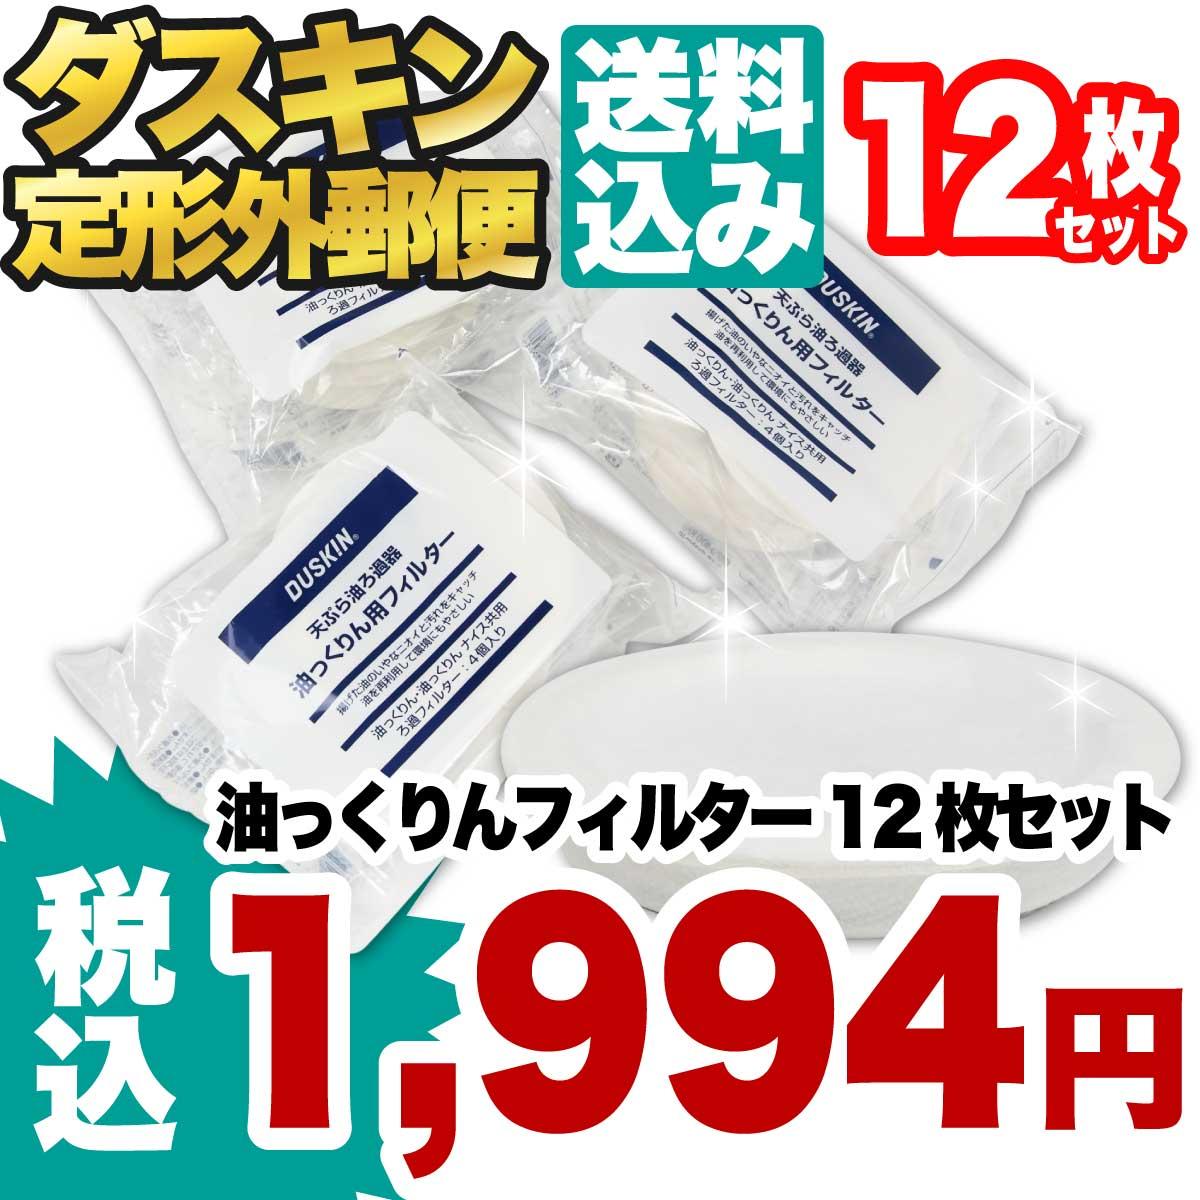 ◆タイムセール◆ダスキン 油っくりん フィルター 12枚セット【 送料無料 】【ポイント2倍】 お得な【 おまとめセット 】